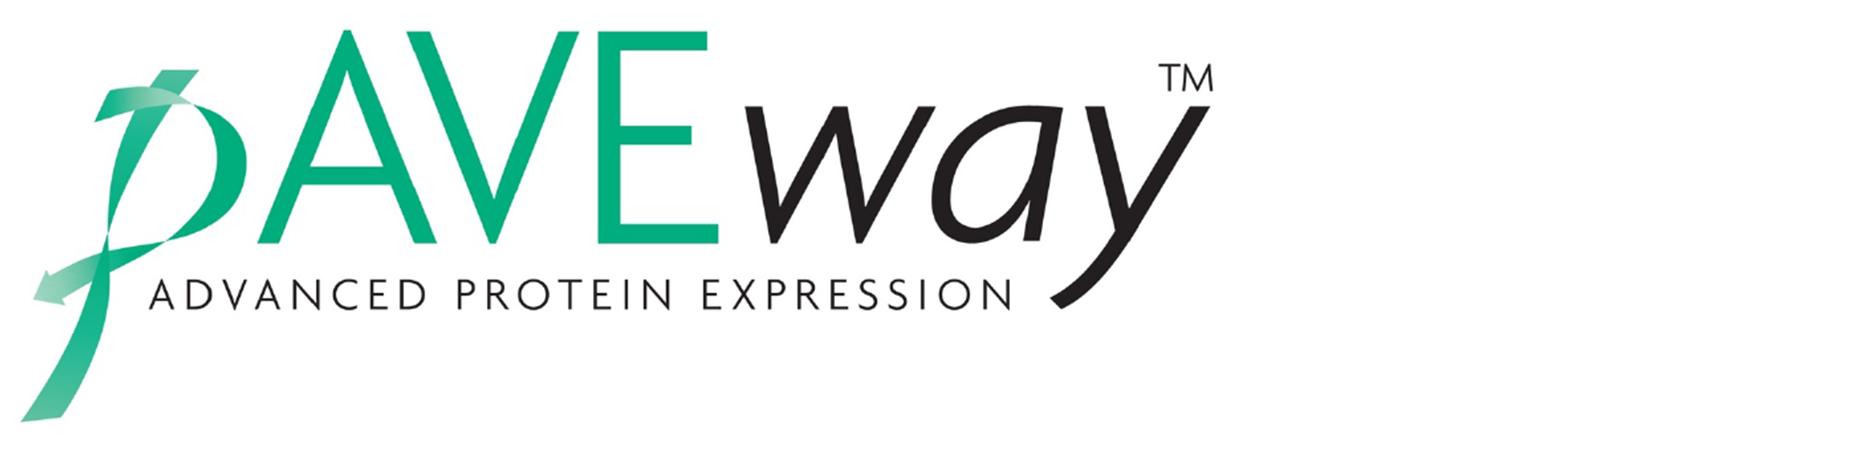 Paveway logo